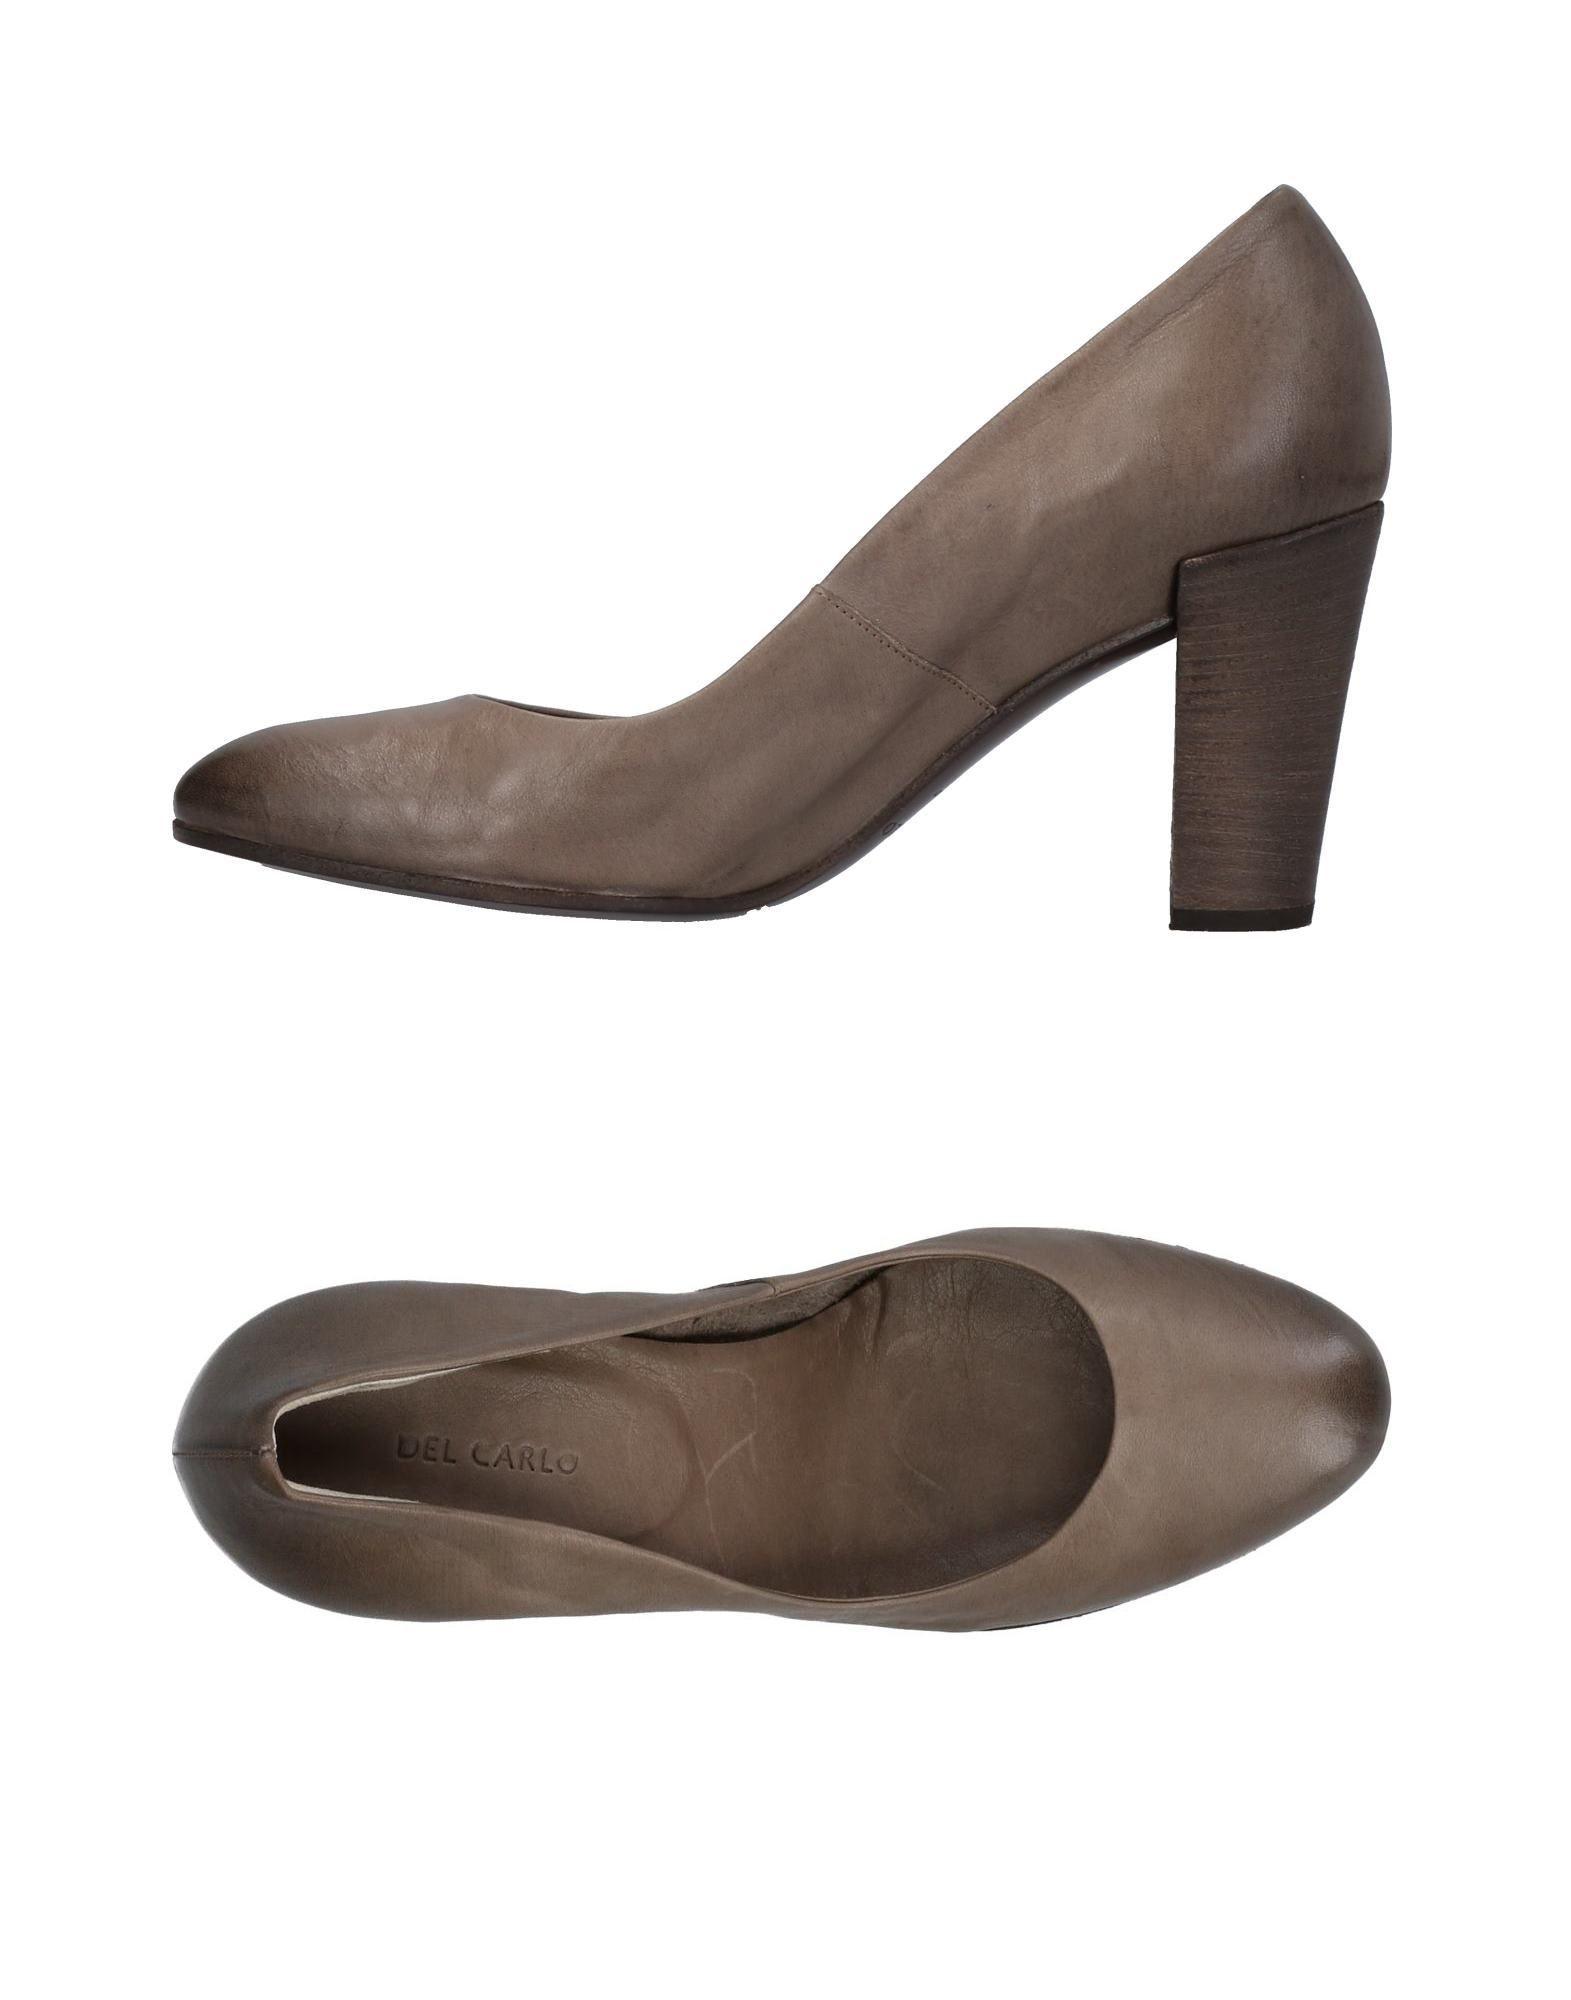 Zapatos casuales salvajes Zapato De Salón Del Carlo Mujer - - Mujer Salones Del Carlo  Plomo f35cea